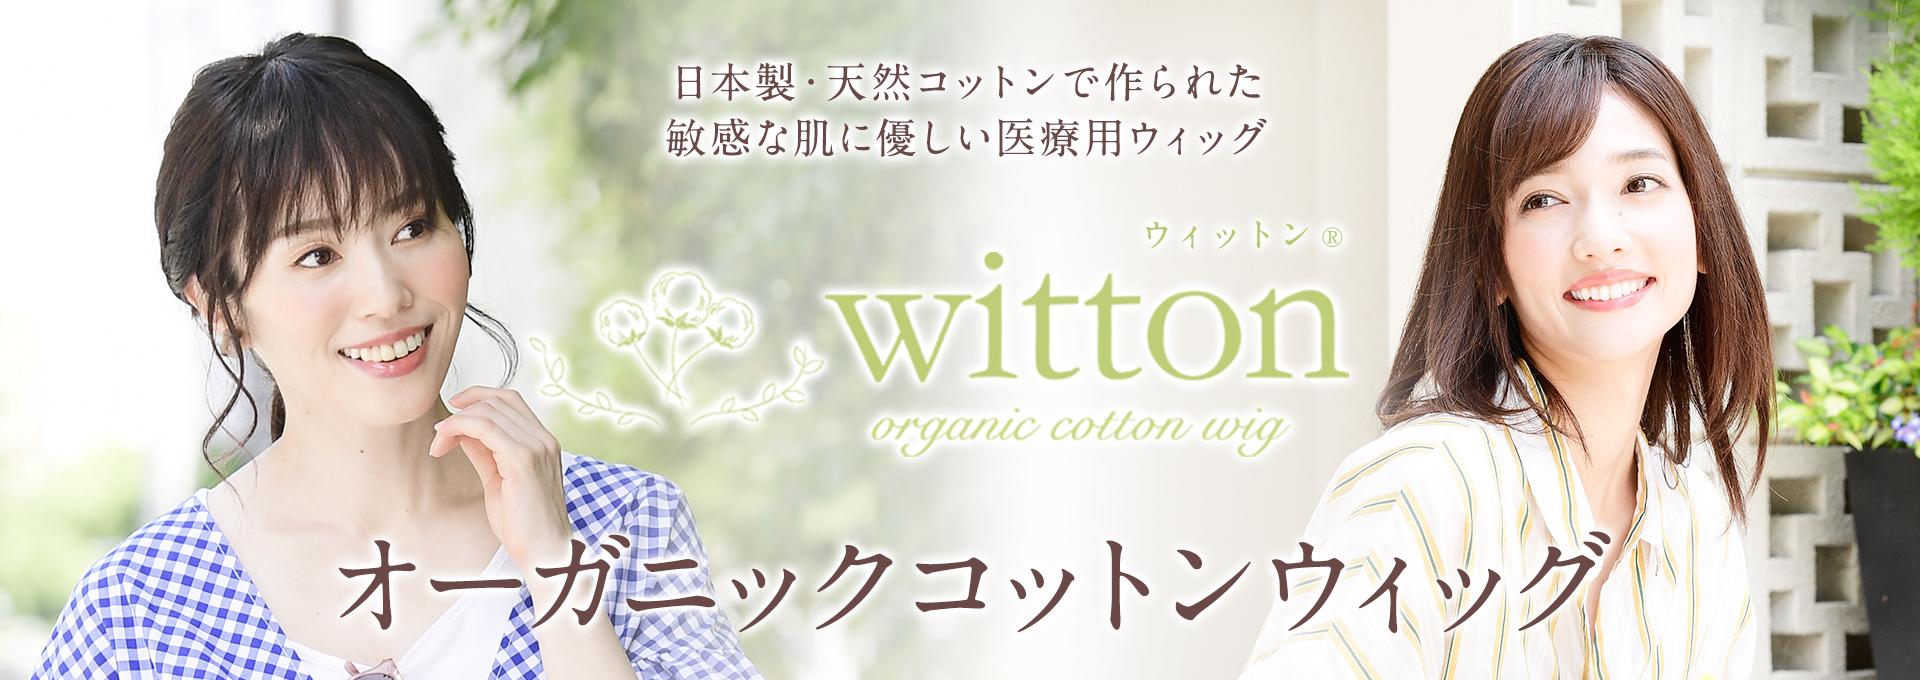 オーガニックコットンウィッグ 肌ストレスからあなたを開放する witton